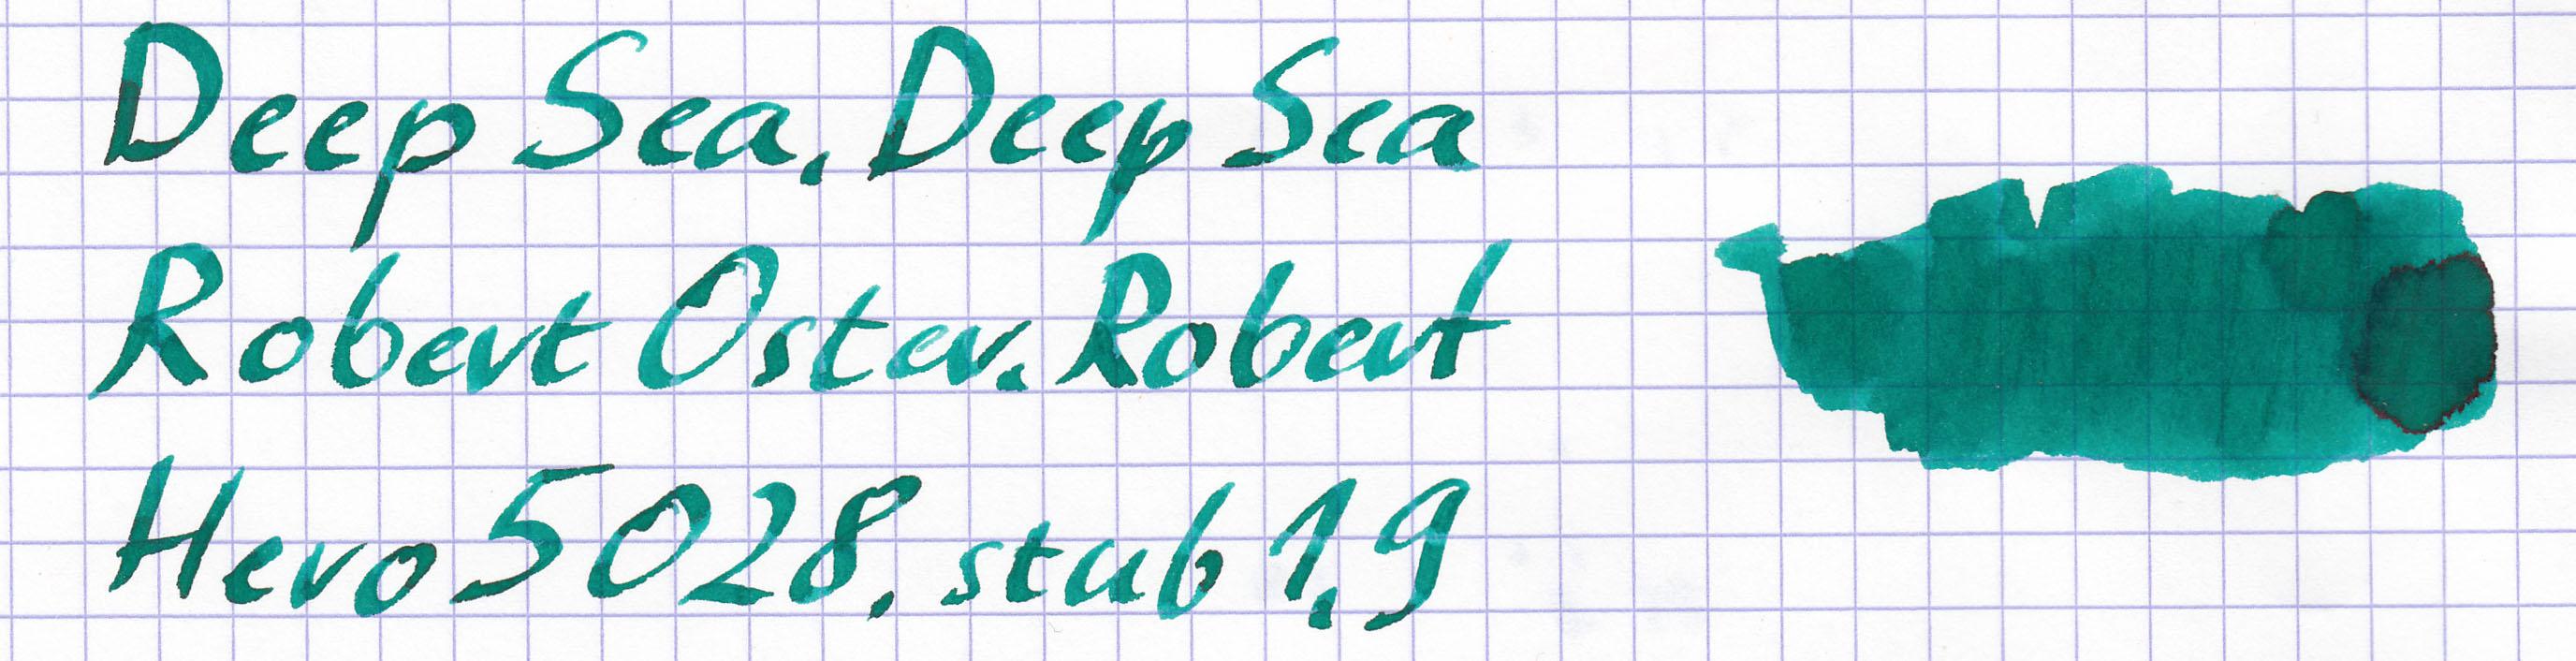 fpn_1466105877__deepsea_oster_ox.jpg